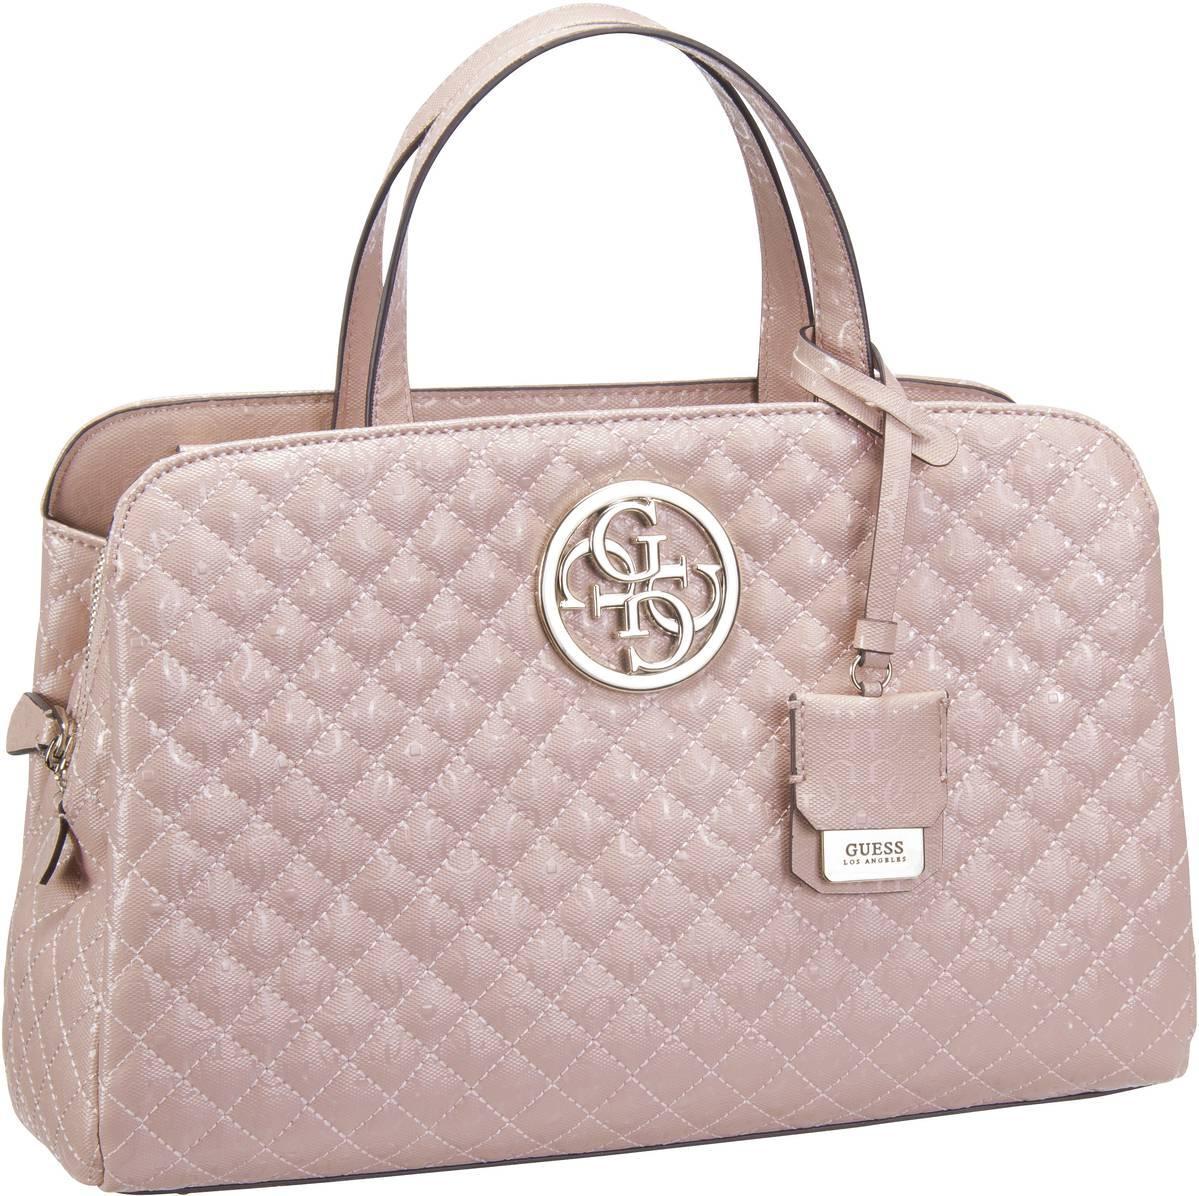 Guess Handtasche Gioia Girlfriend Satchel Rose